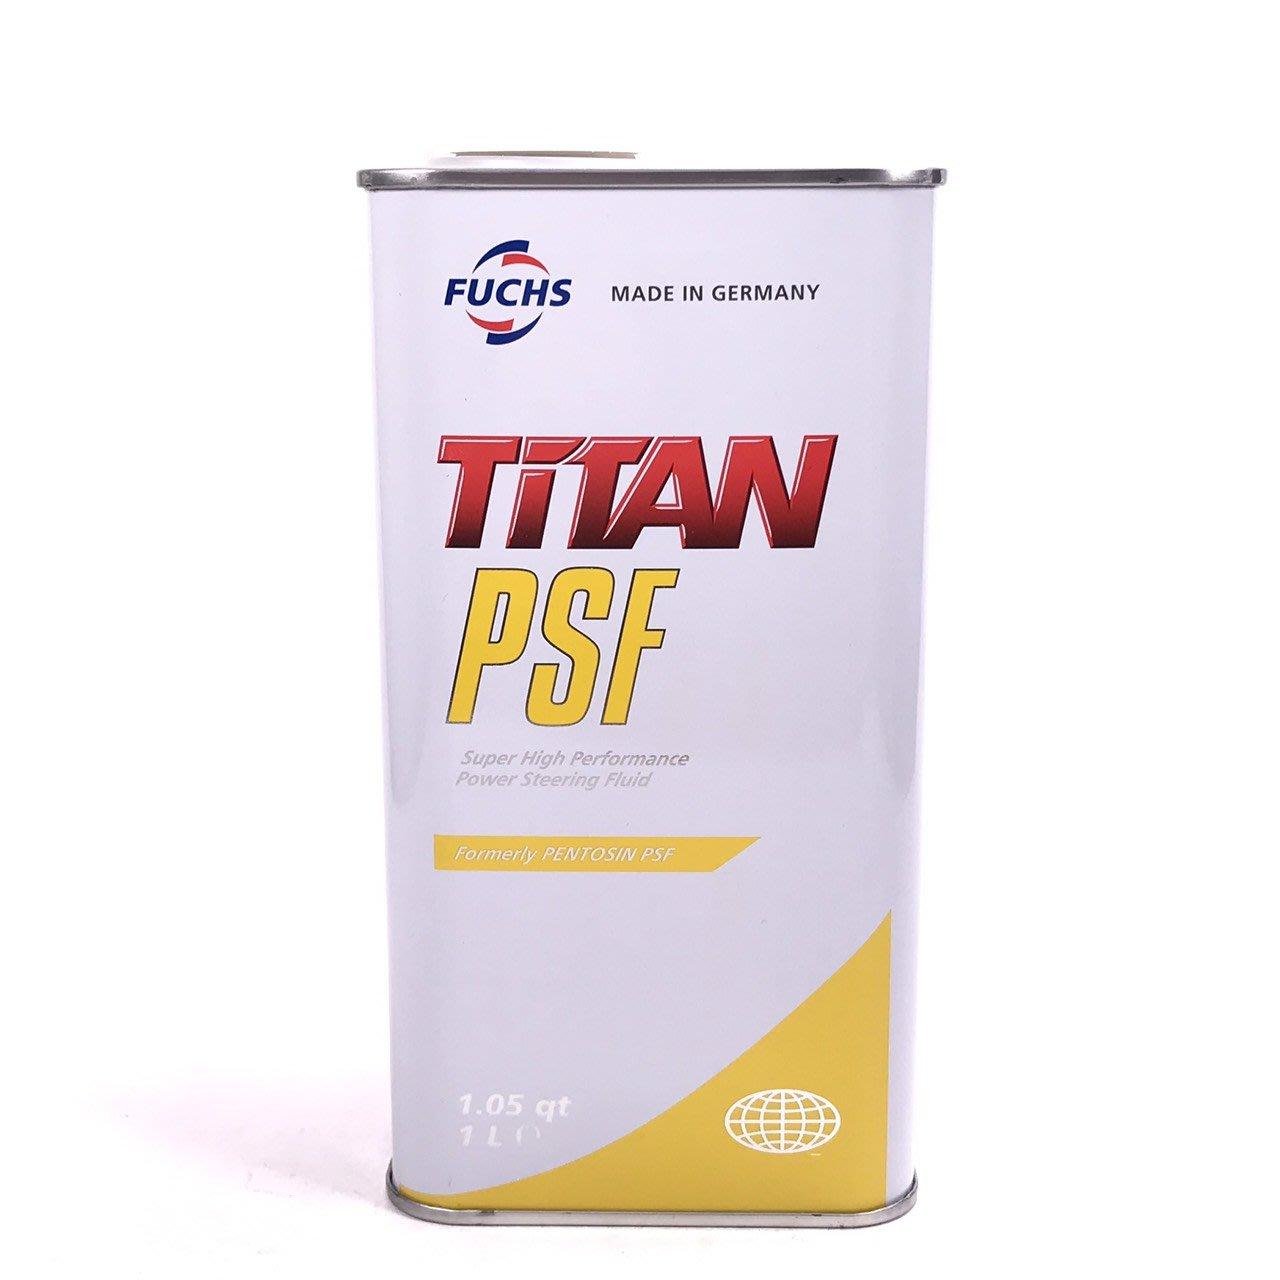 [機油倉庫]附發票 FUCHS PENTOSIN TITAN PSF 動力方向專用油 方向油 轉向油 方向盤油